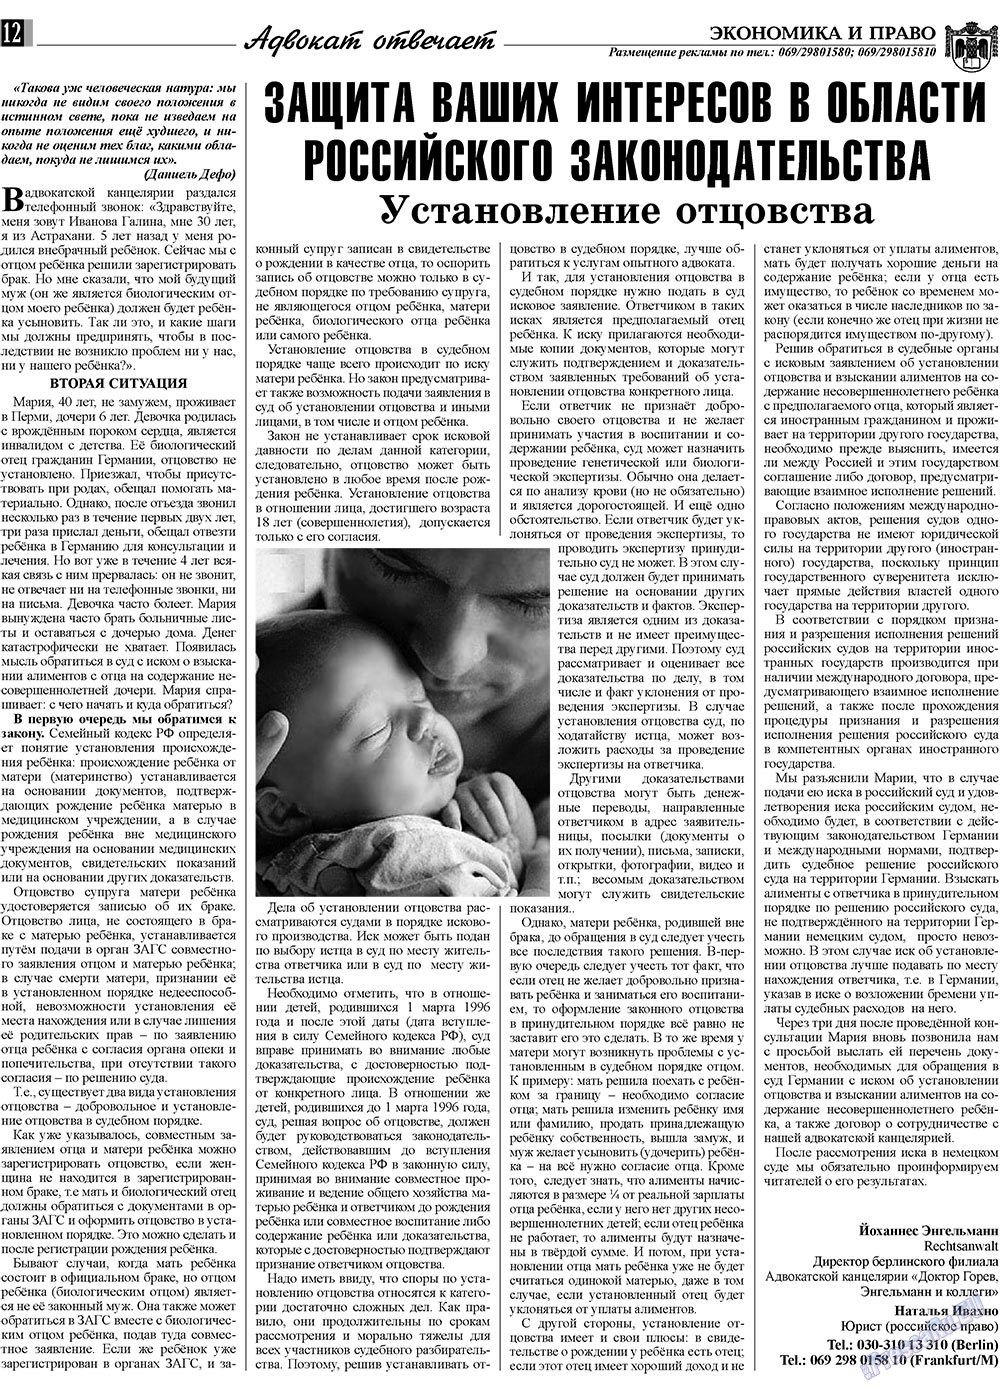 Экономика и право (газета). 2009 год, номер 3, стр. 12